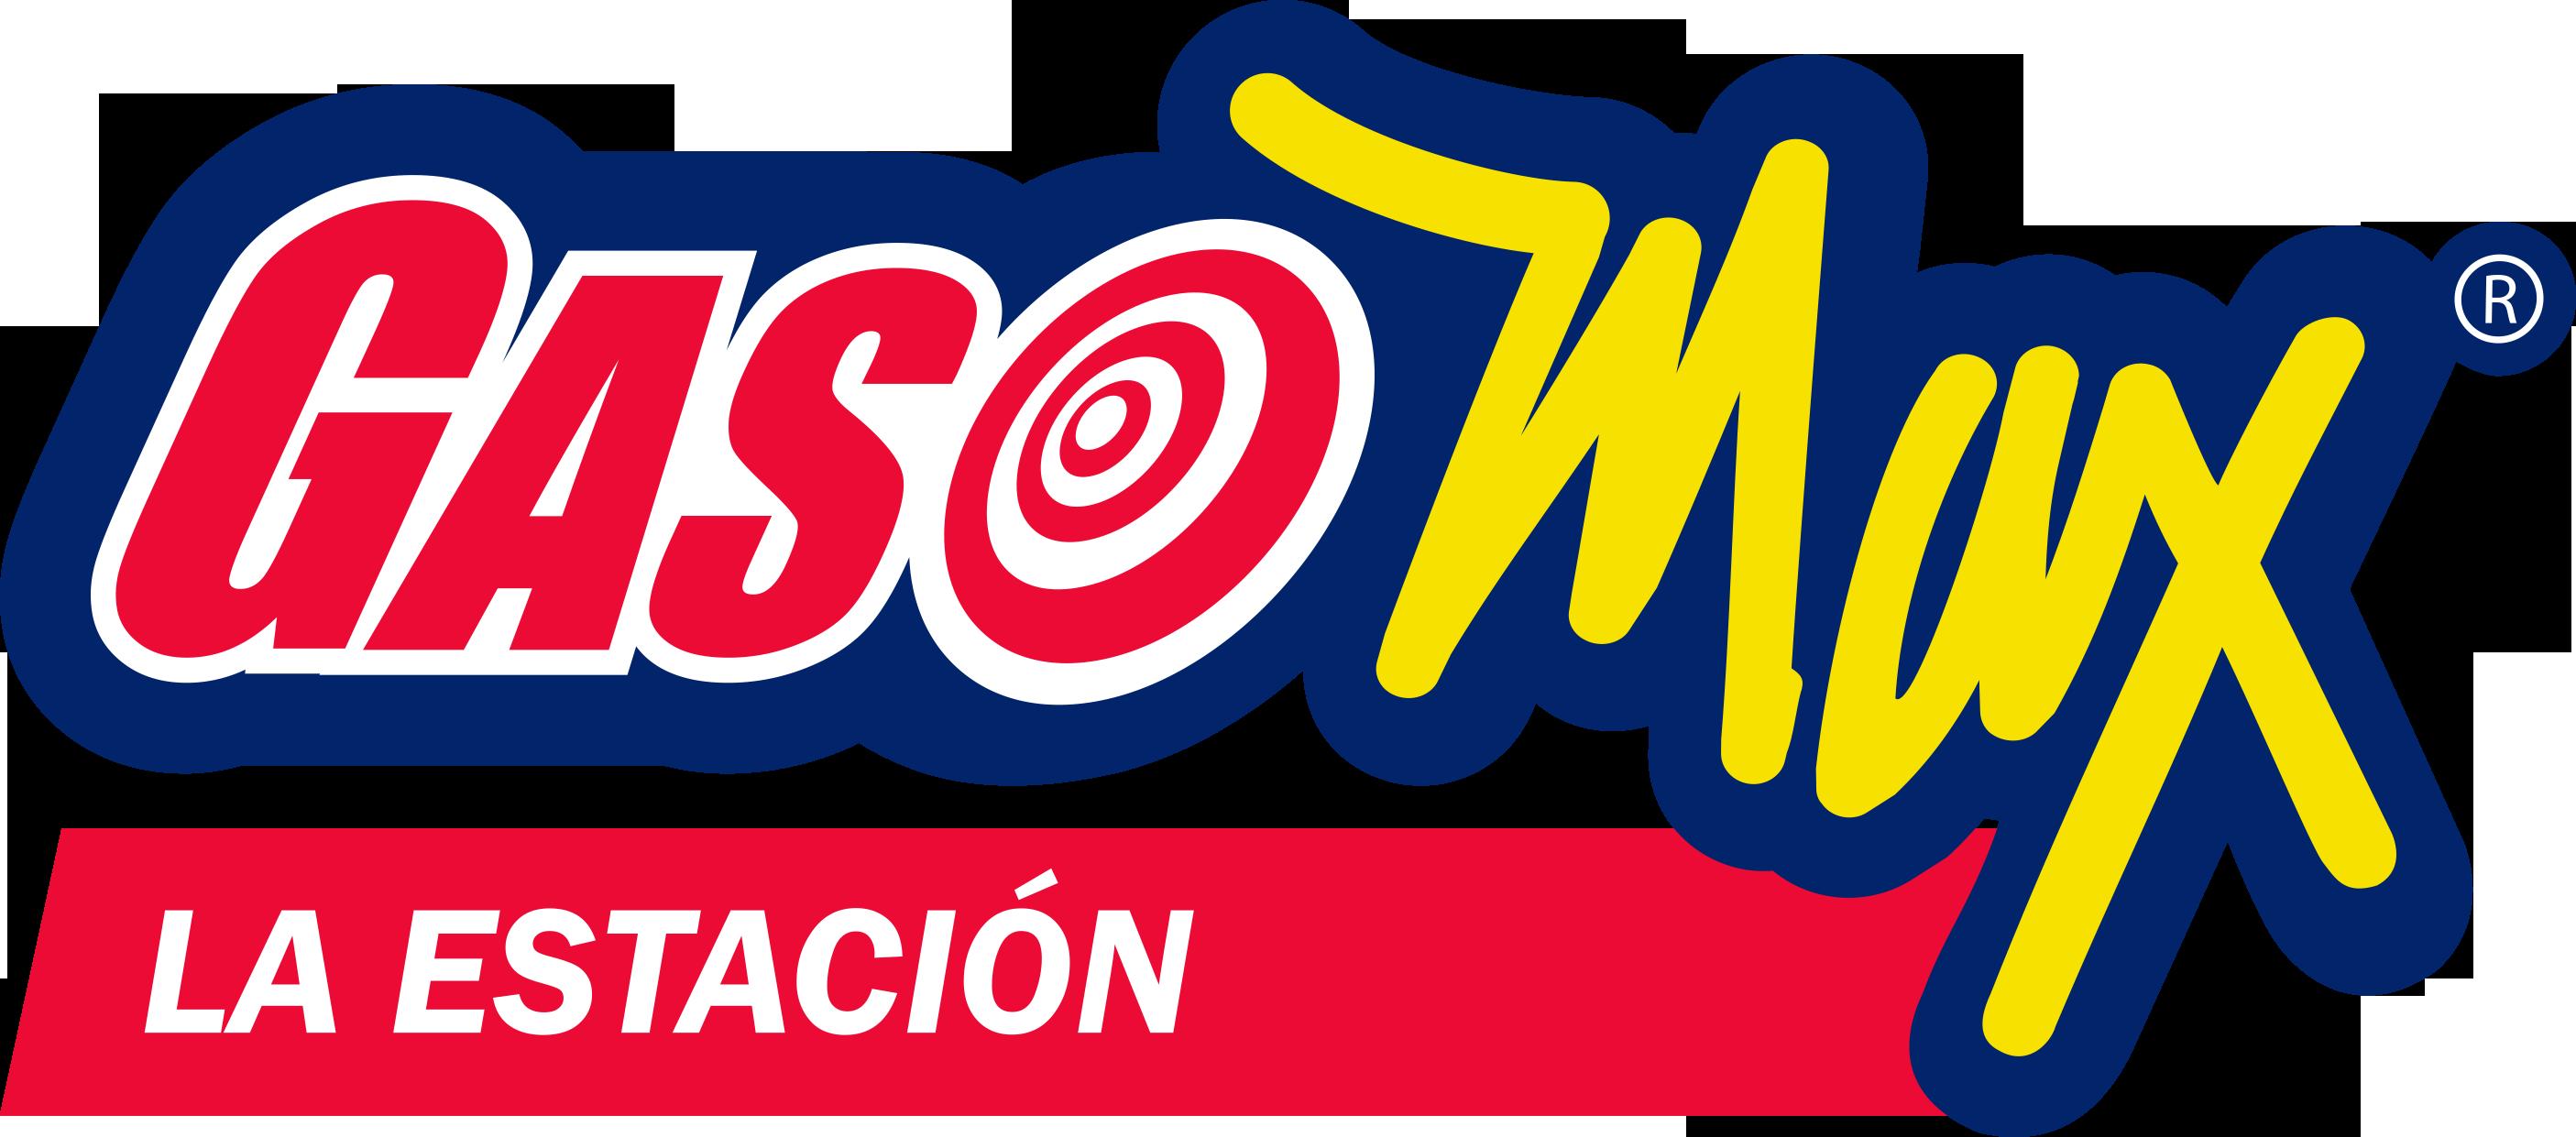 Gasomax La Estación